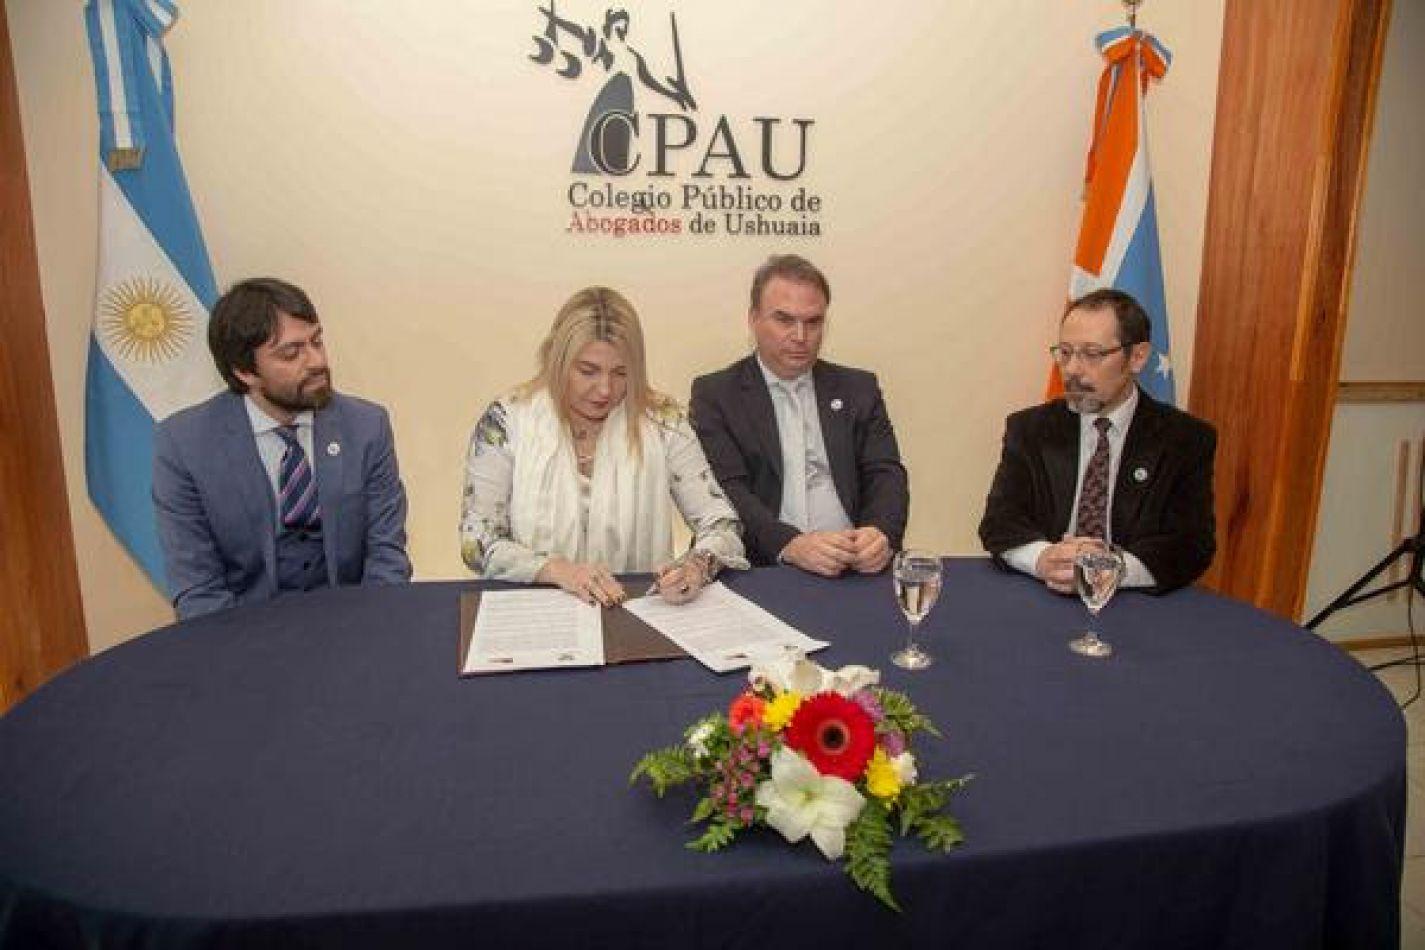 Firrma del convenio entre el Instituto Provincial de Vivienda y el Colegio Público de Abogados de Ushuaia.